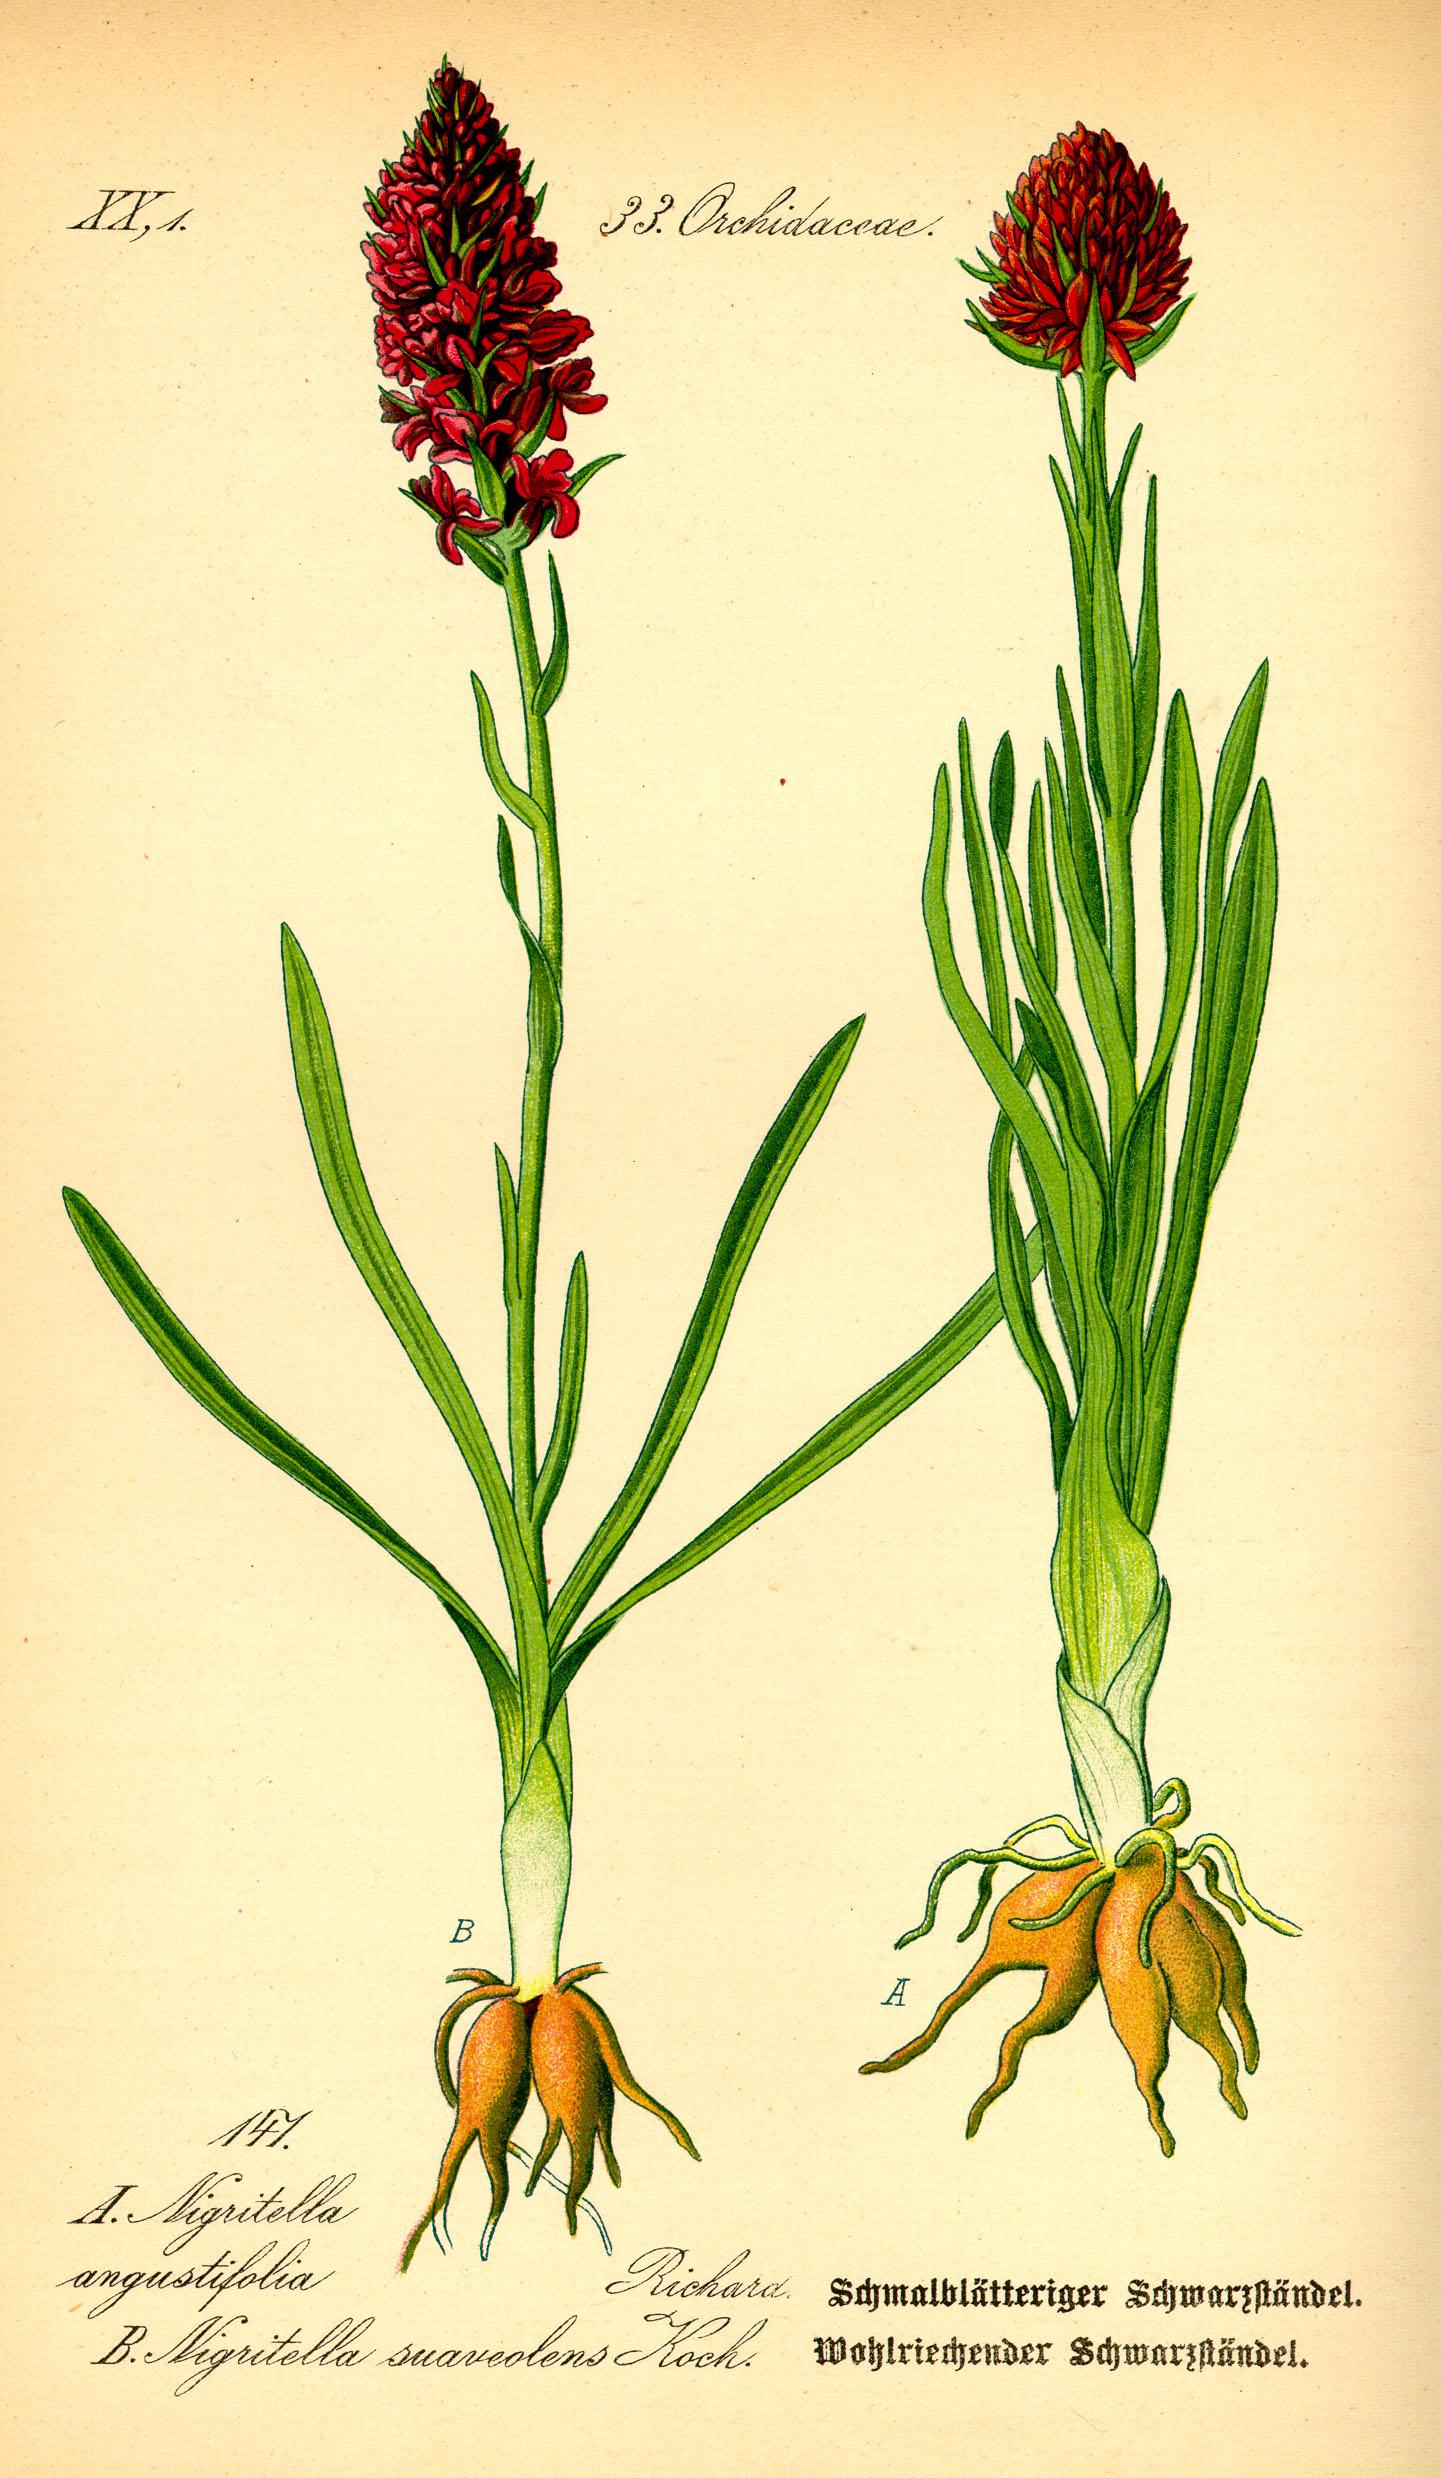 Otto Wilhelm Thomé ''Flora von Deutschland, Österreich und der Schweiz'' 1885, Gera, Germany Permission granted to use under GFDL by Kurt Stueber